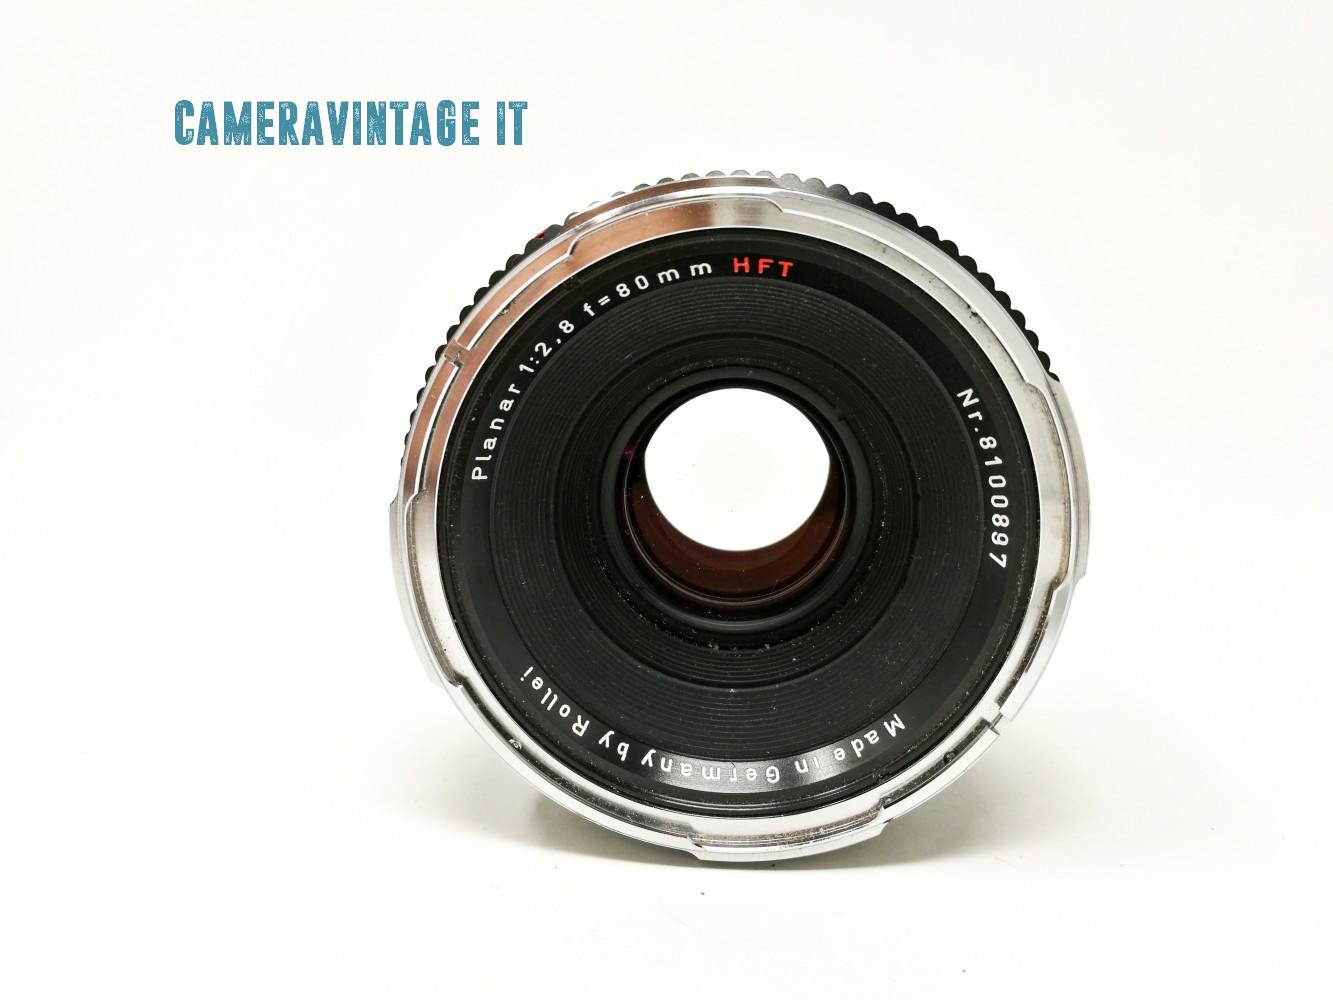 ROLLEIPLANAR f/2,8 80mm HFT